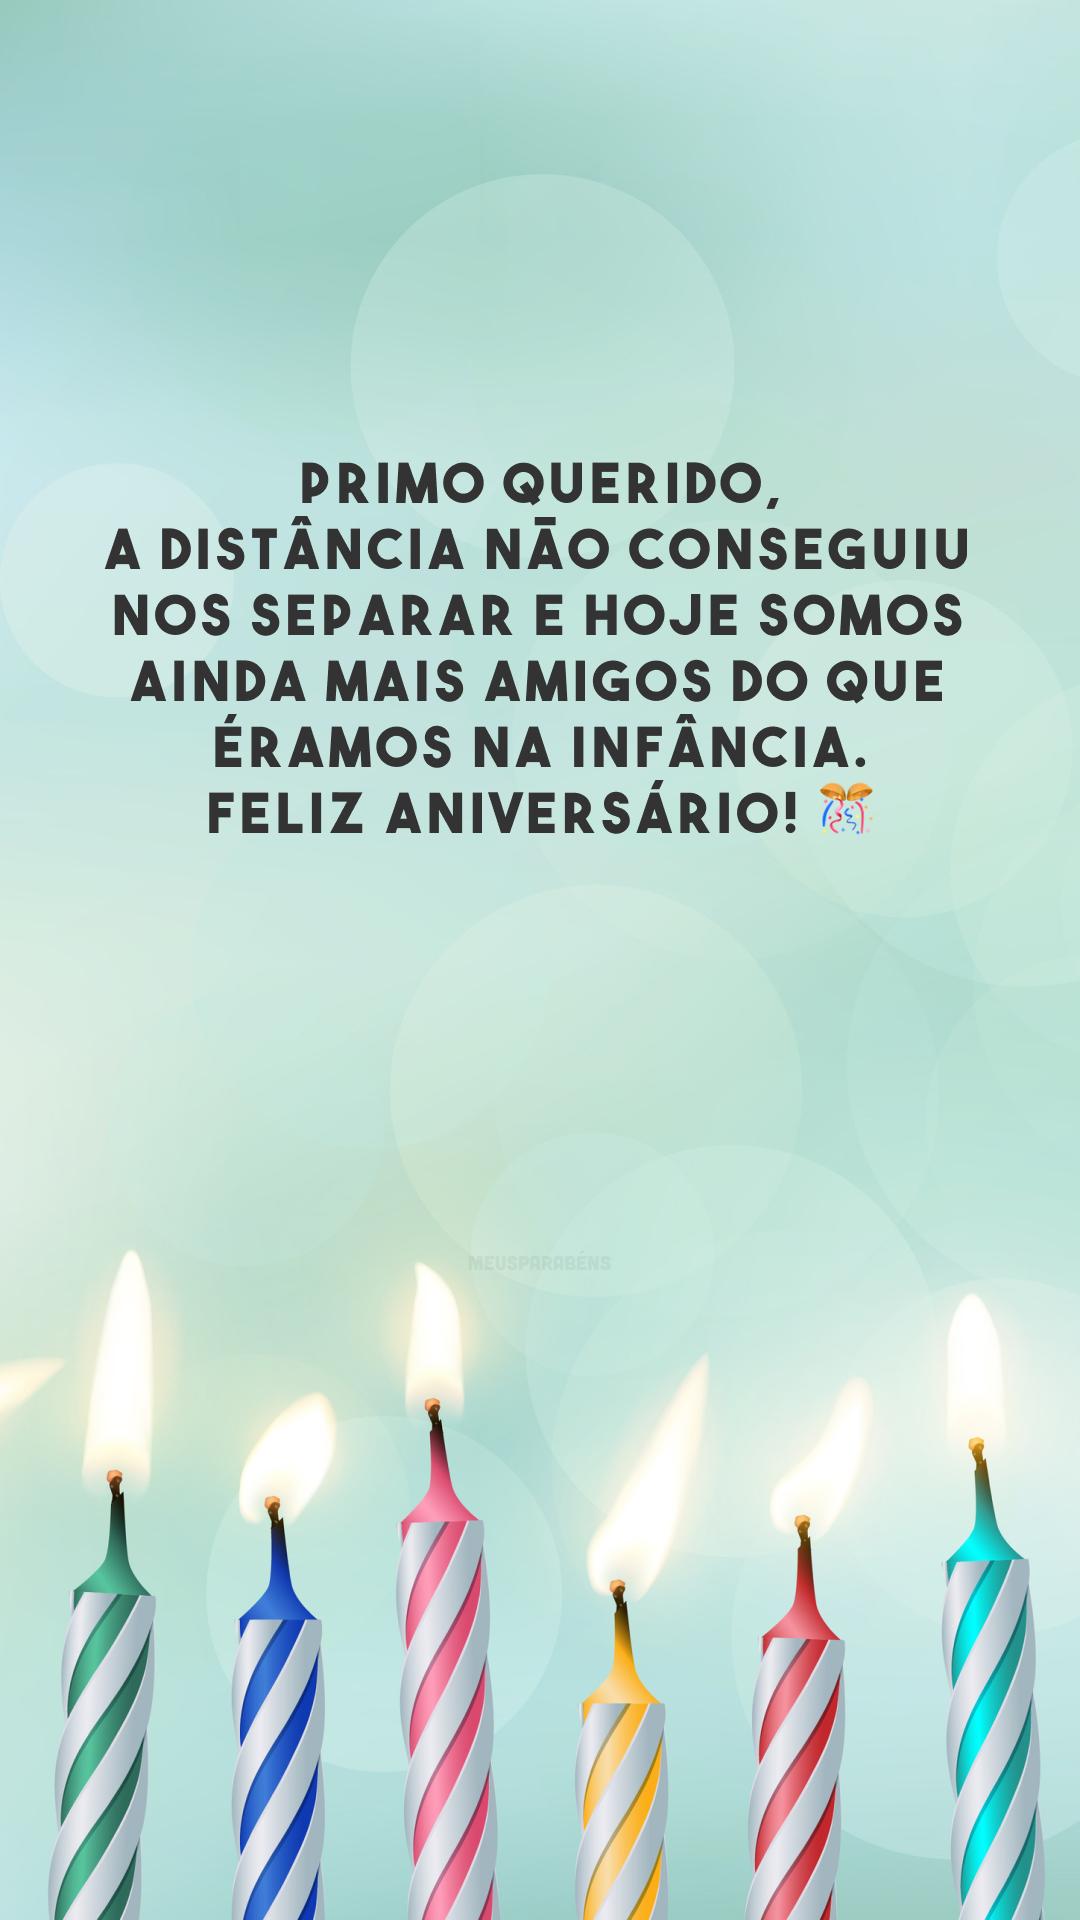 Primo querido, a distância não conseguiu nos separar e hoje somos ainda mais amigos do que éramos na infância. Feliz aniversário! 🎊